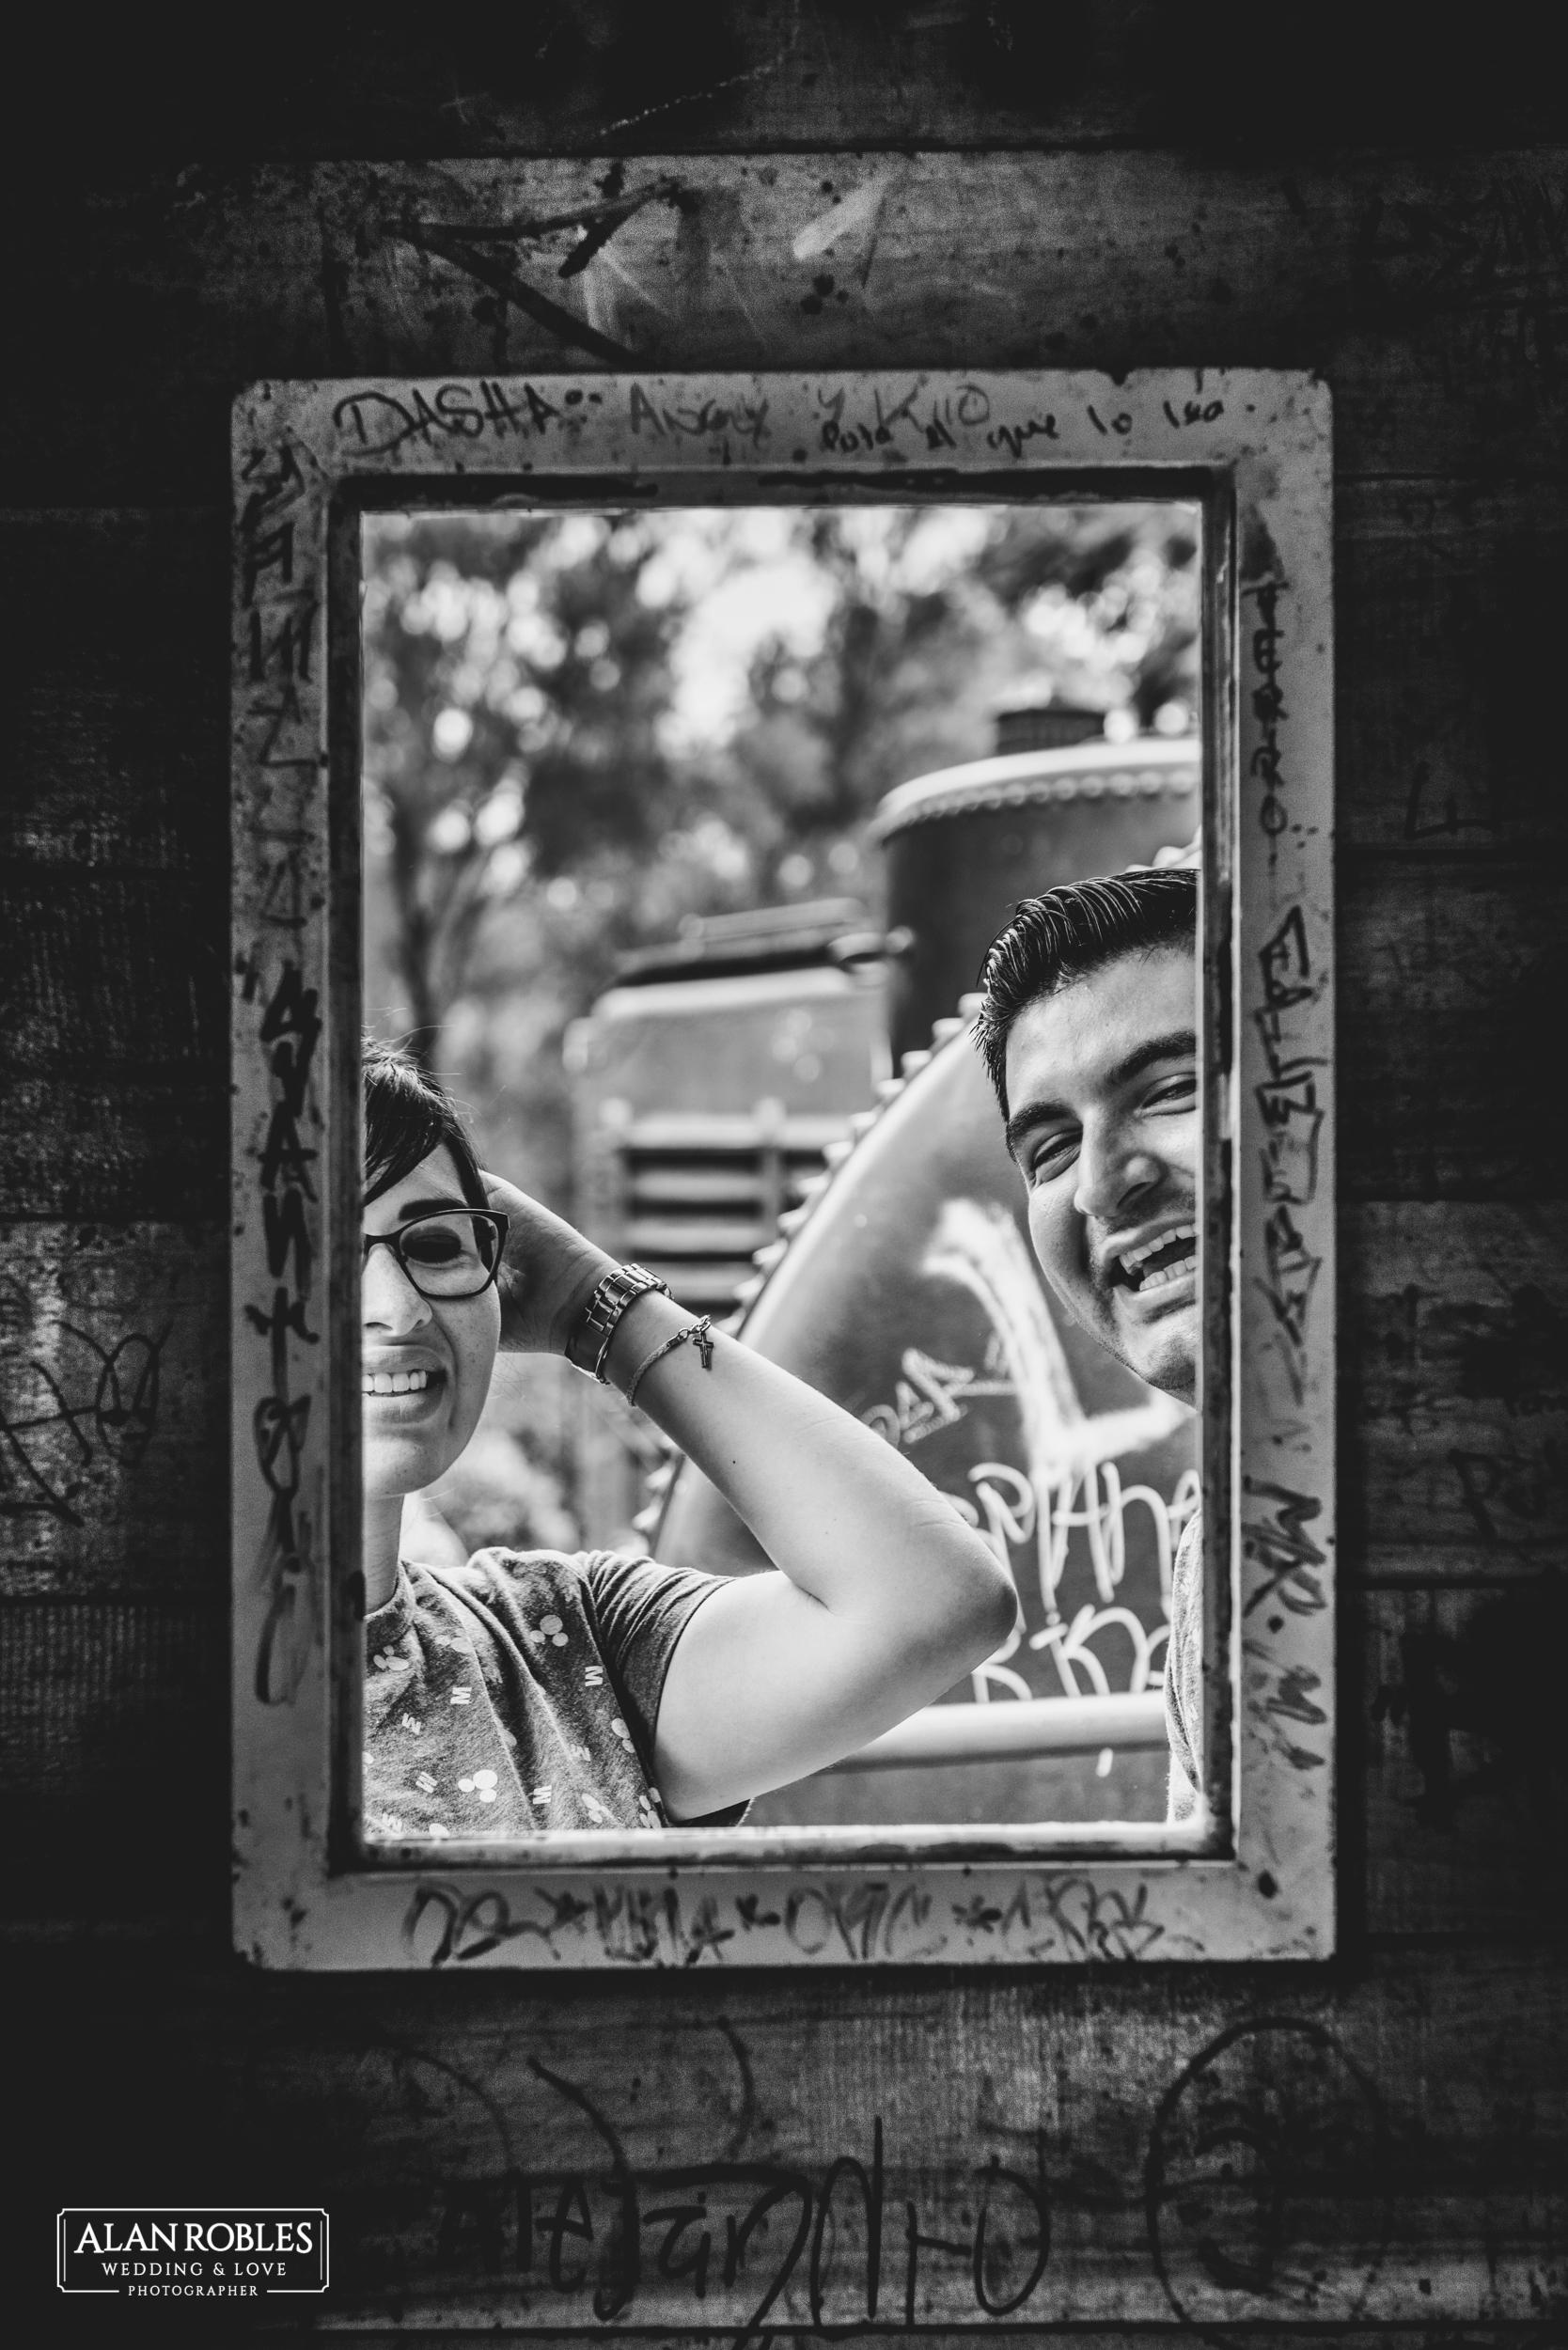 Tren Blanco y negro - Alan Robles Fotografo de bodas en Guadalajara